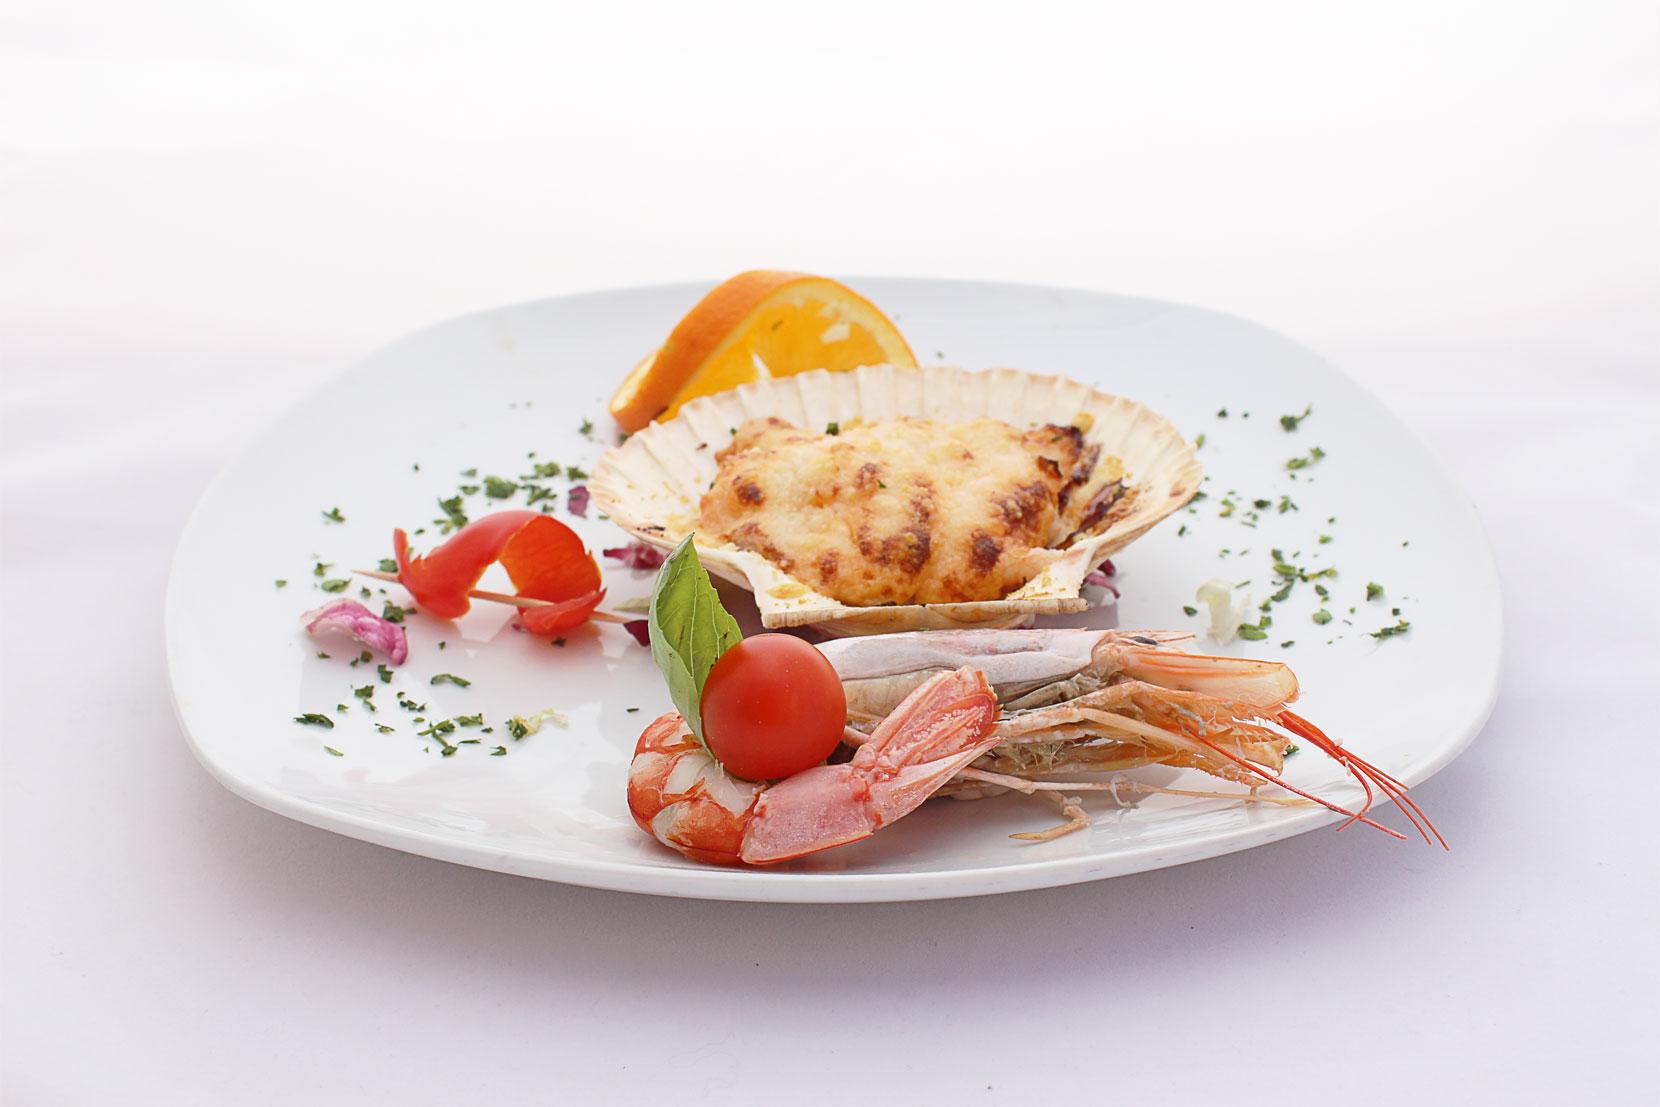 piatti-ristorante-panorama-02